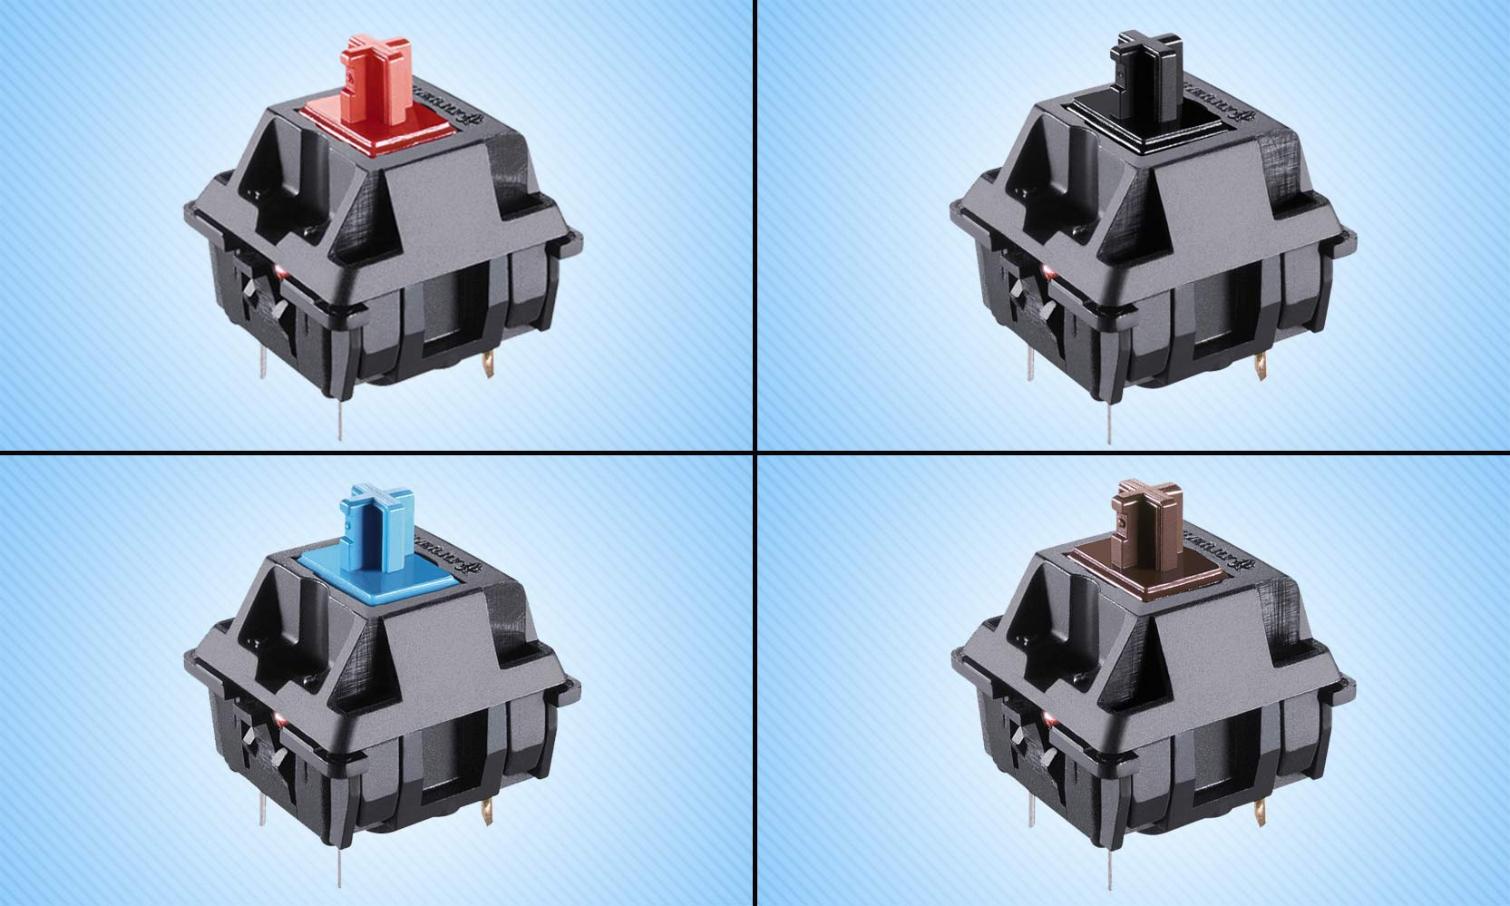 Interruptores MX desde la parte superior izquierda en el sentido de las agujas del reloj: Rojo, Negro, Marrón y Azul